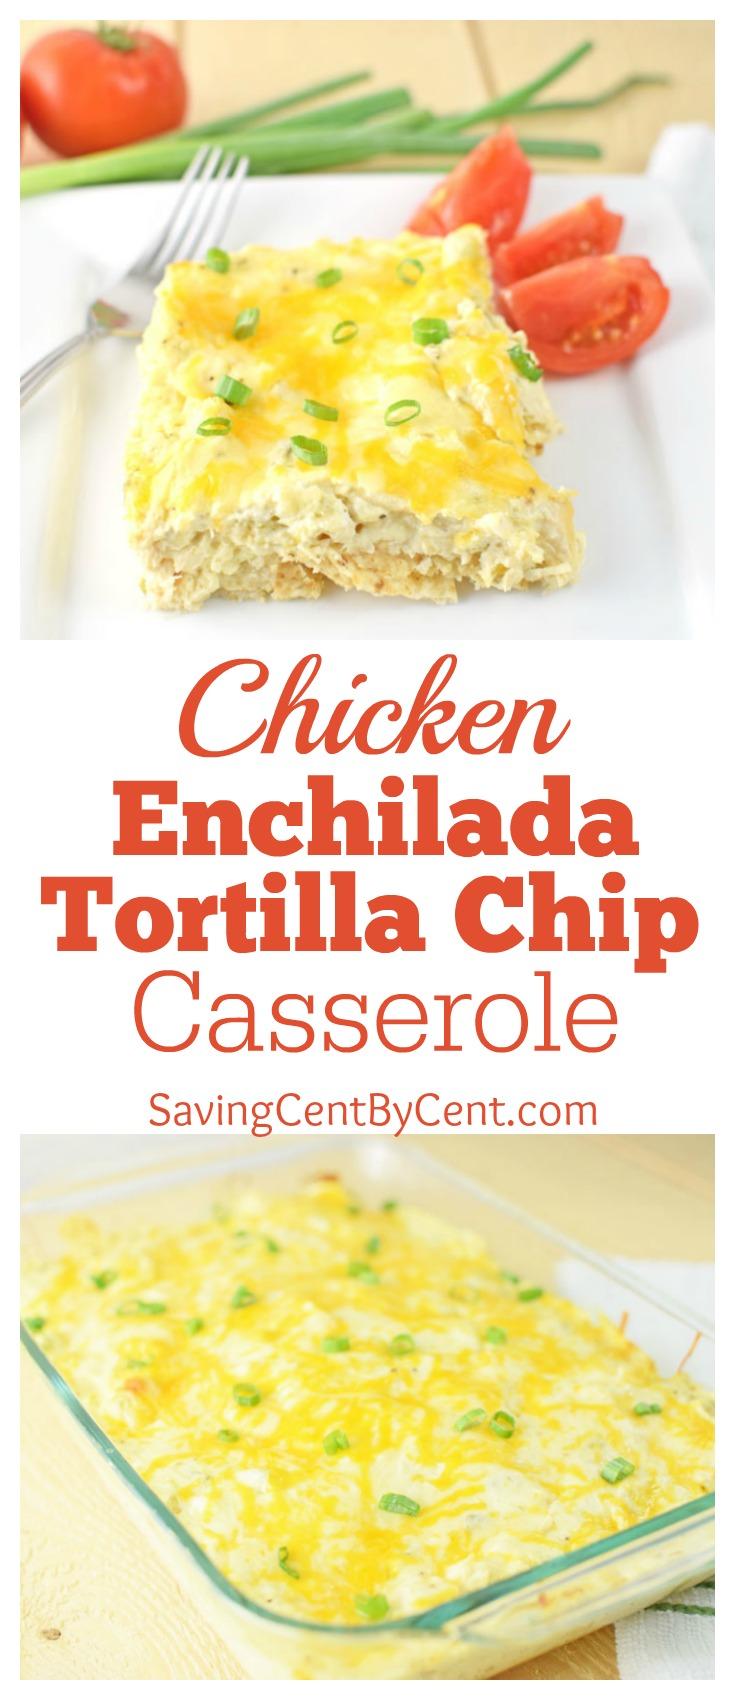 Chicken Enchilada Tortilla Chip Casserole